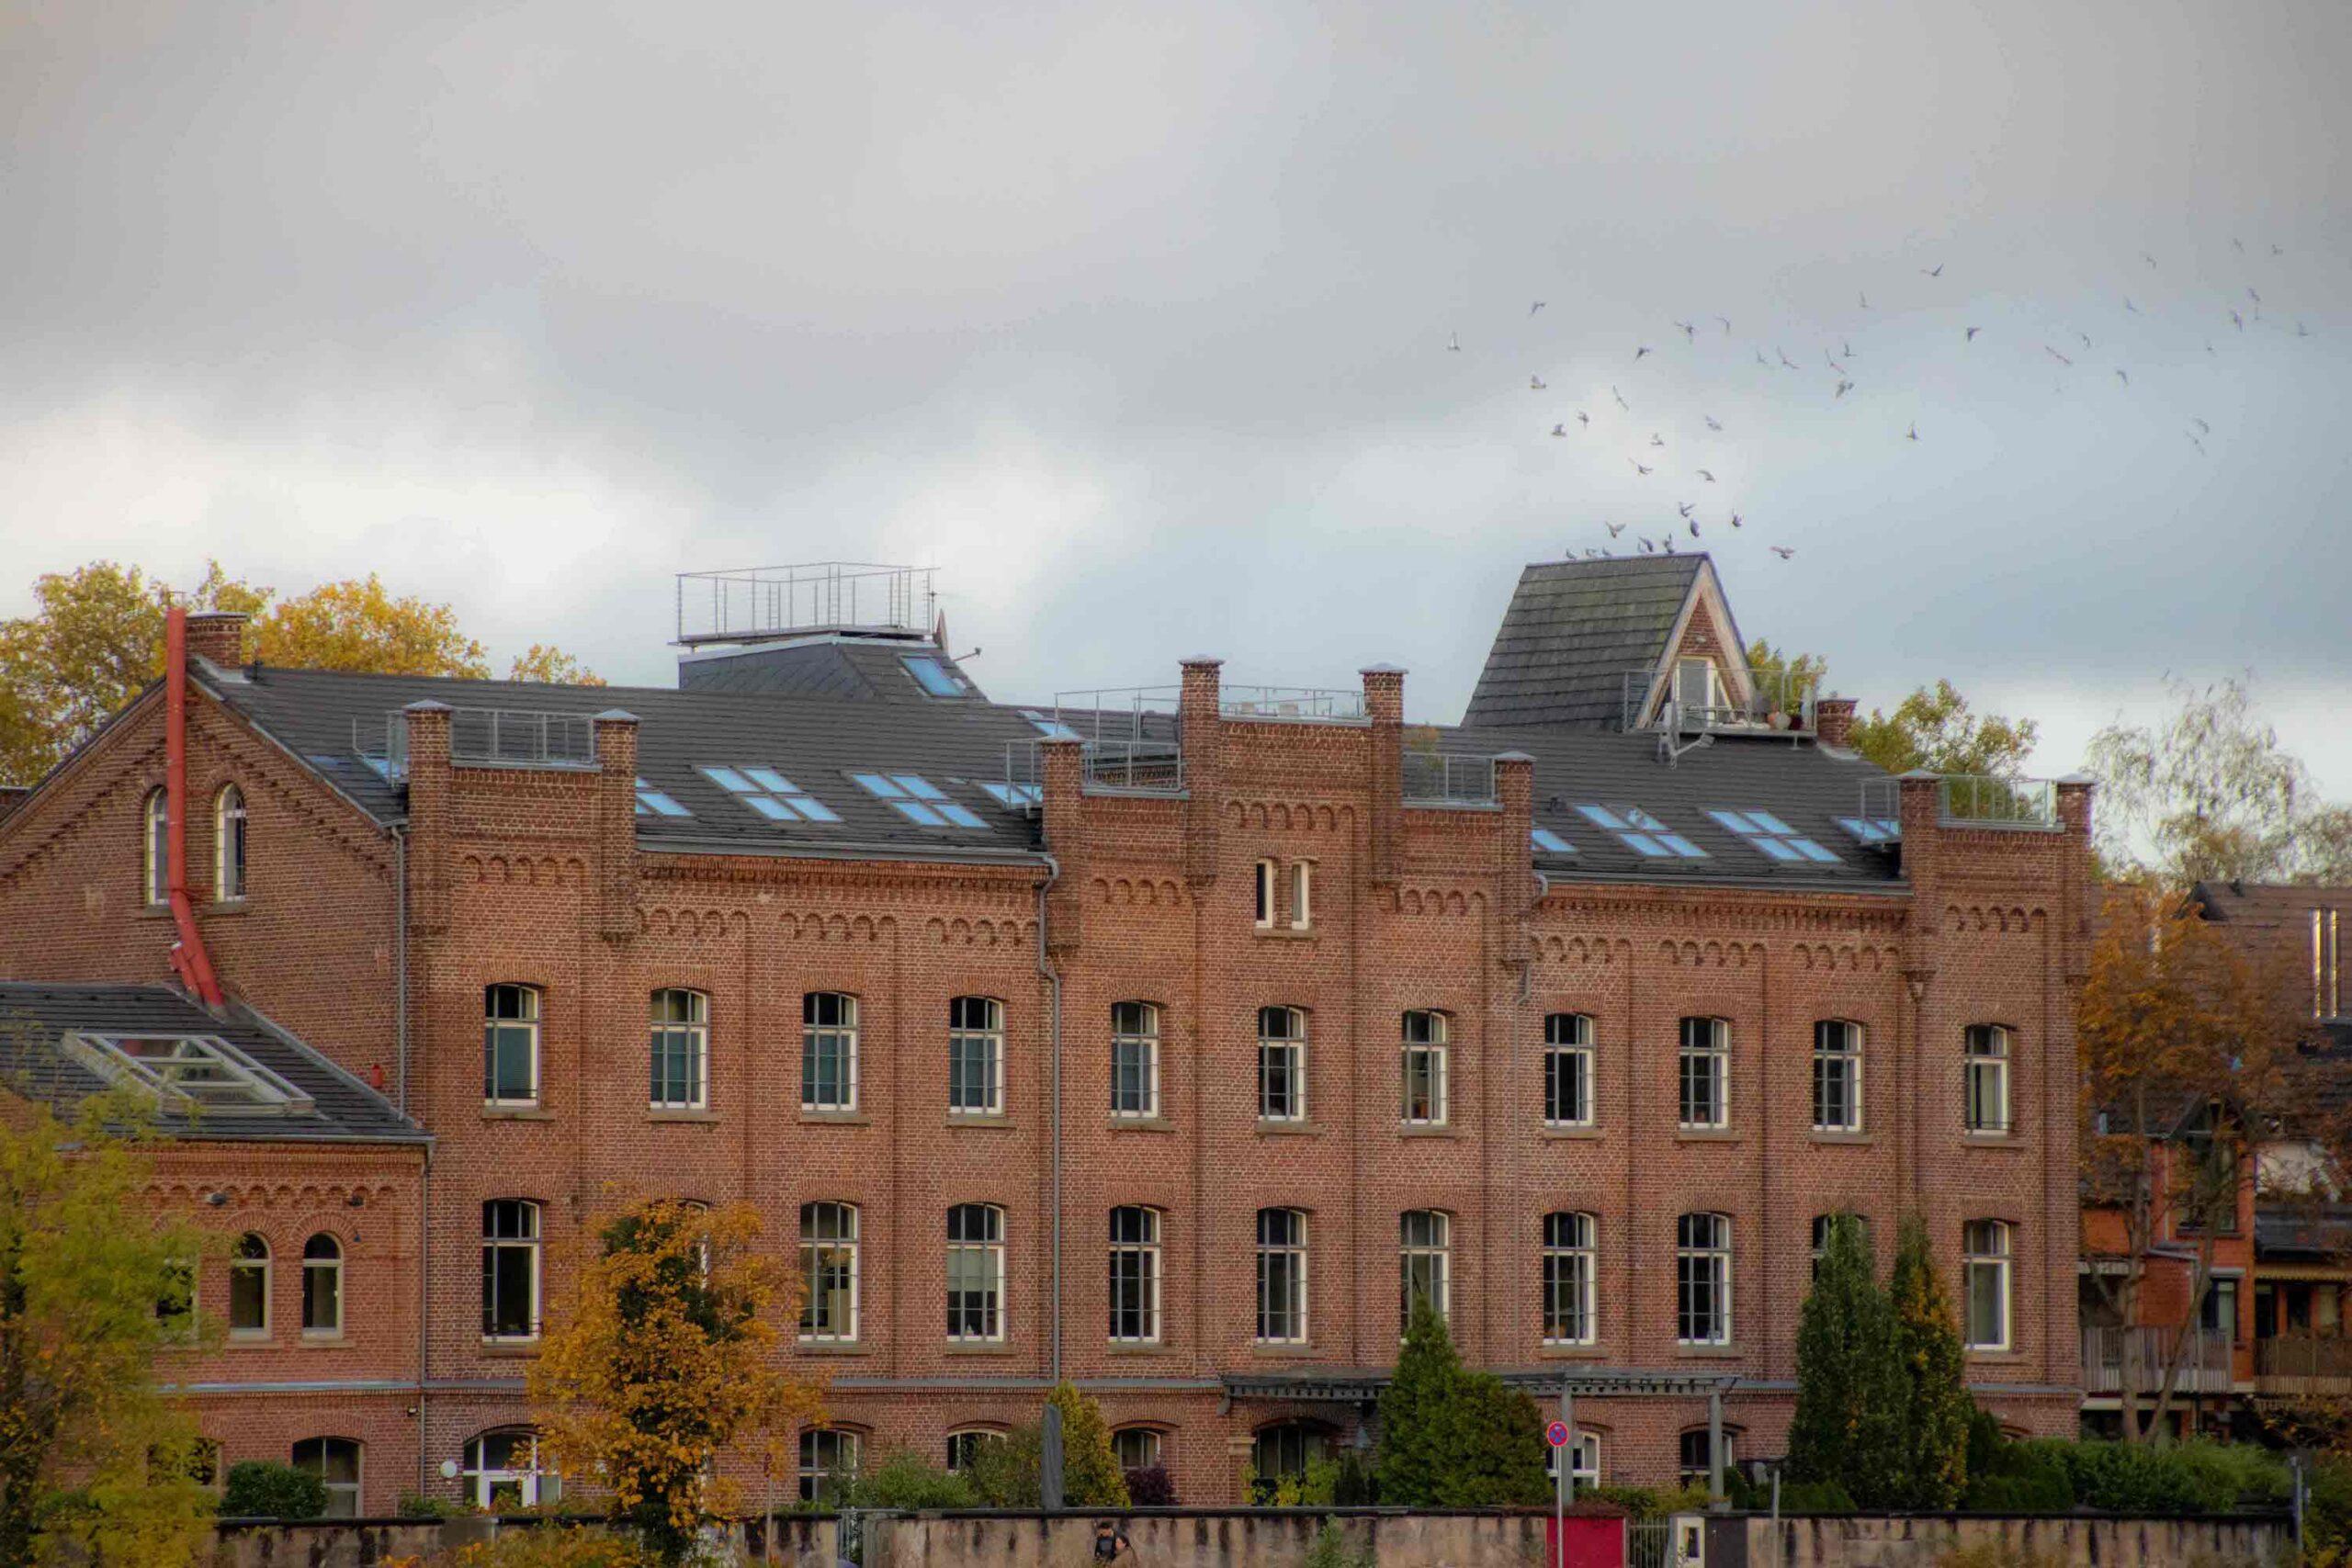 Blick auf die alte Tuchfabrik